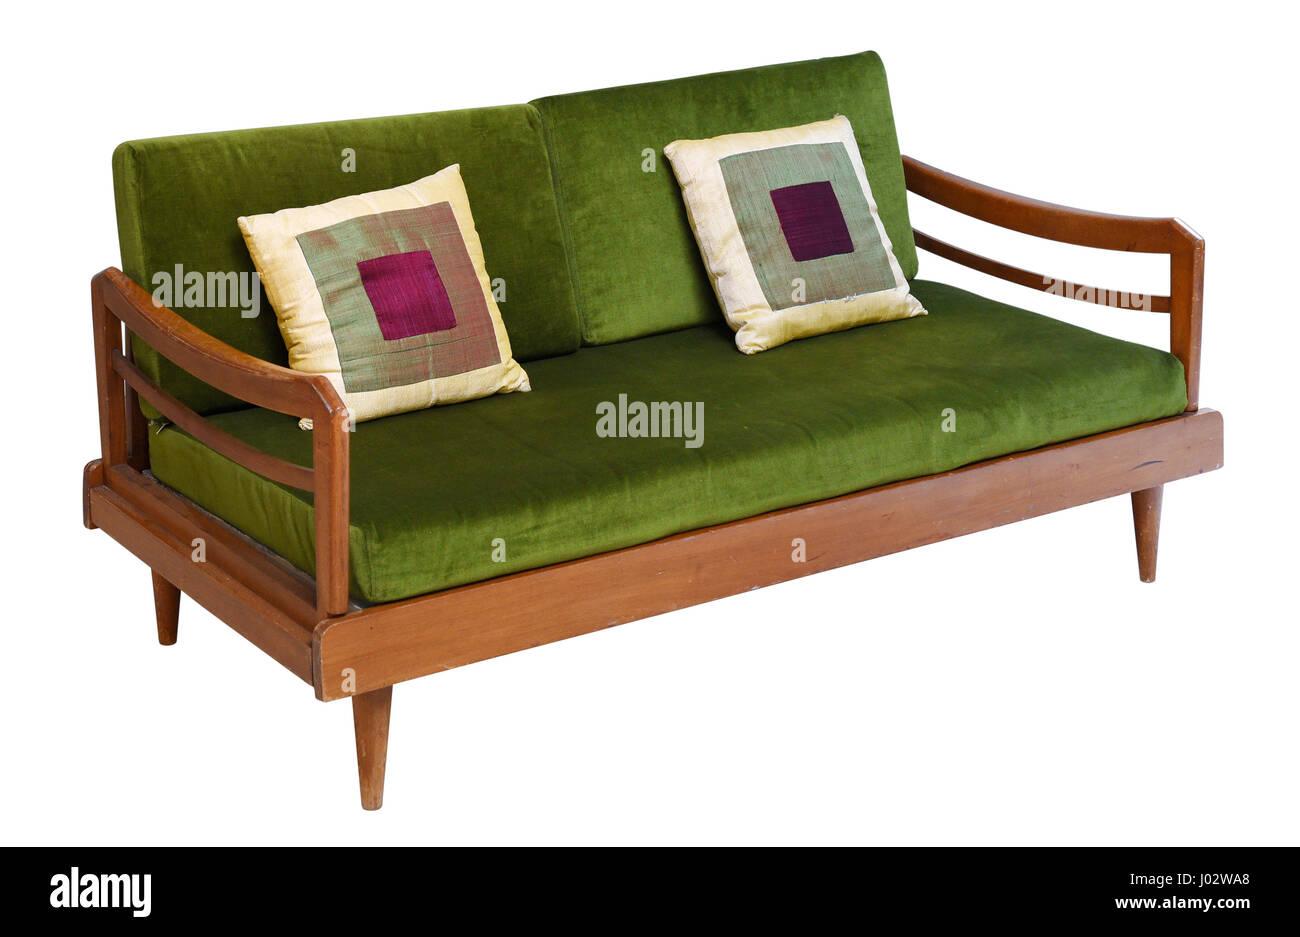 Canapé de velours vert années 50 vintage design sur des jambes courtes et base en bois isolé sur fond blanc Banque D'Images